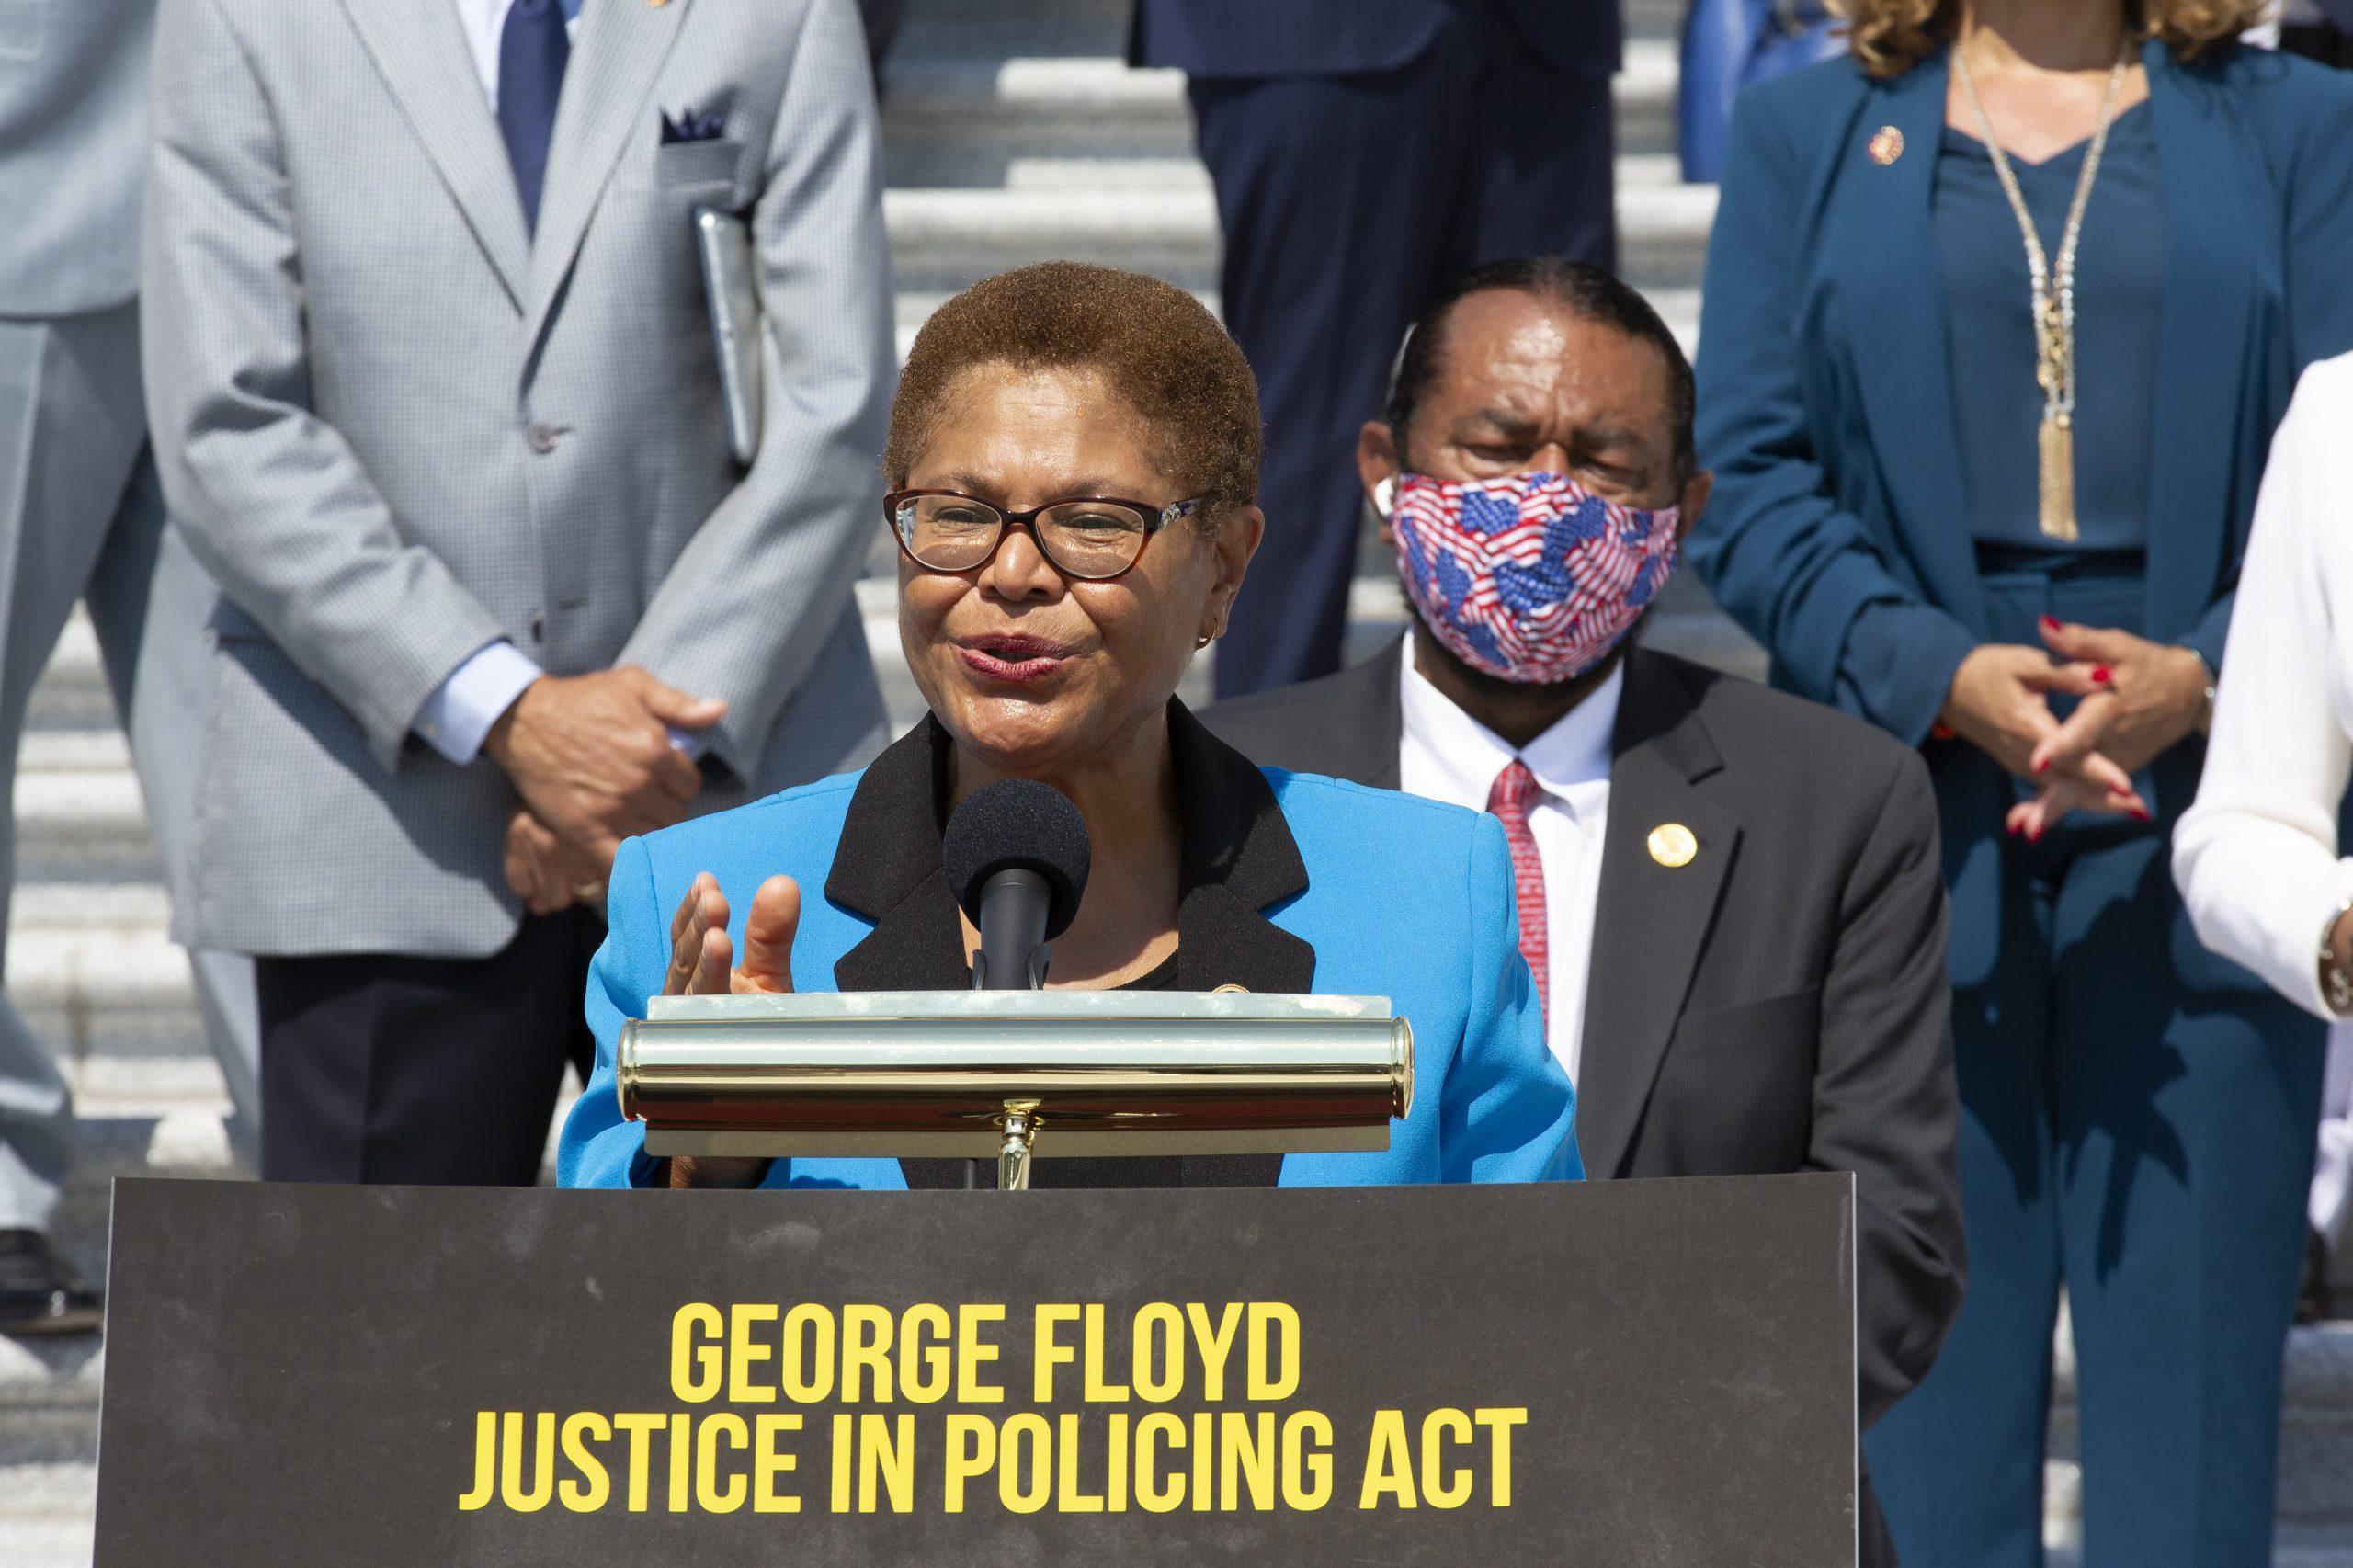 Grupo bipartidista llevará a cabo conversaciones sobre reforma policial mientras la Ley George Floyd se estanca en el Senado